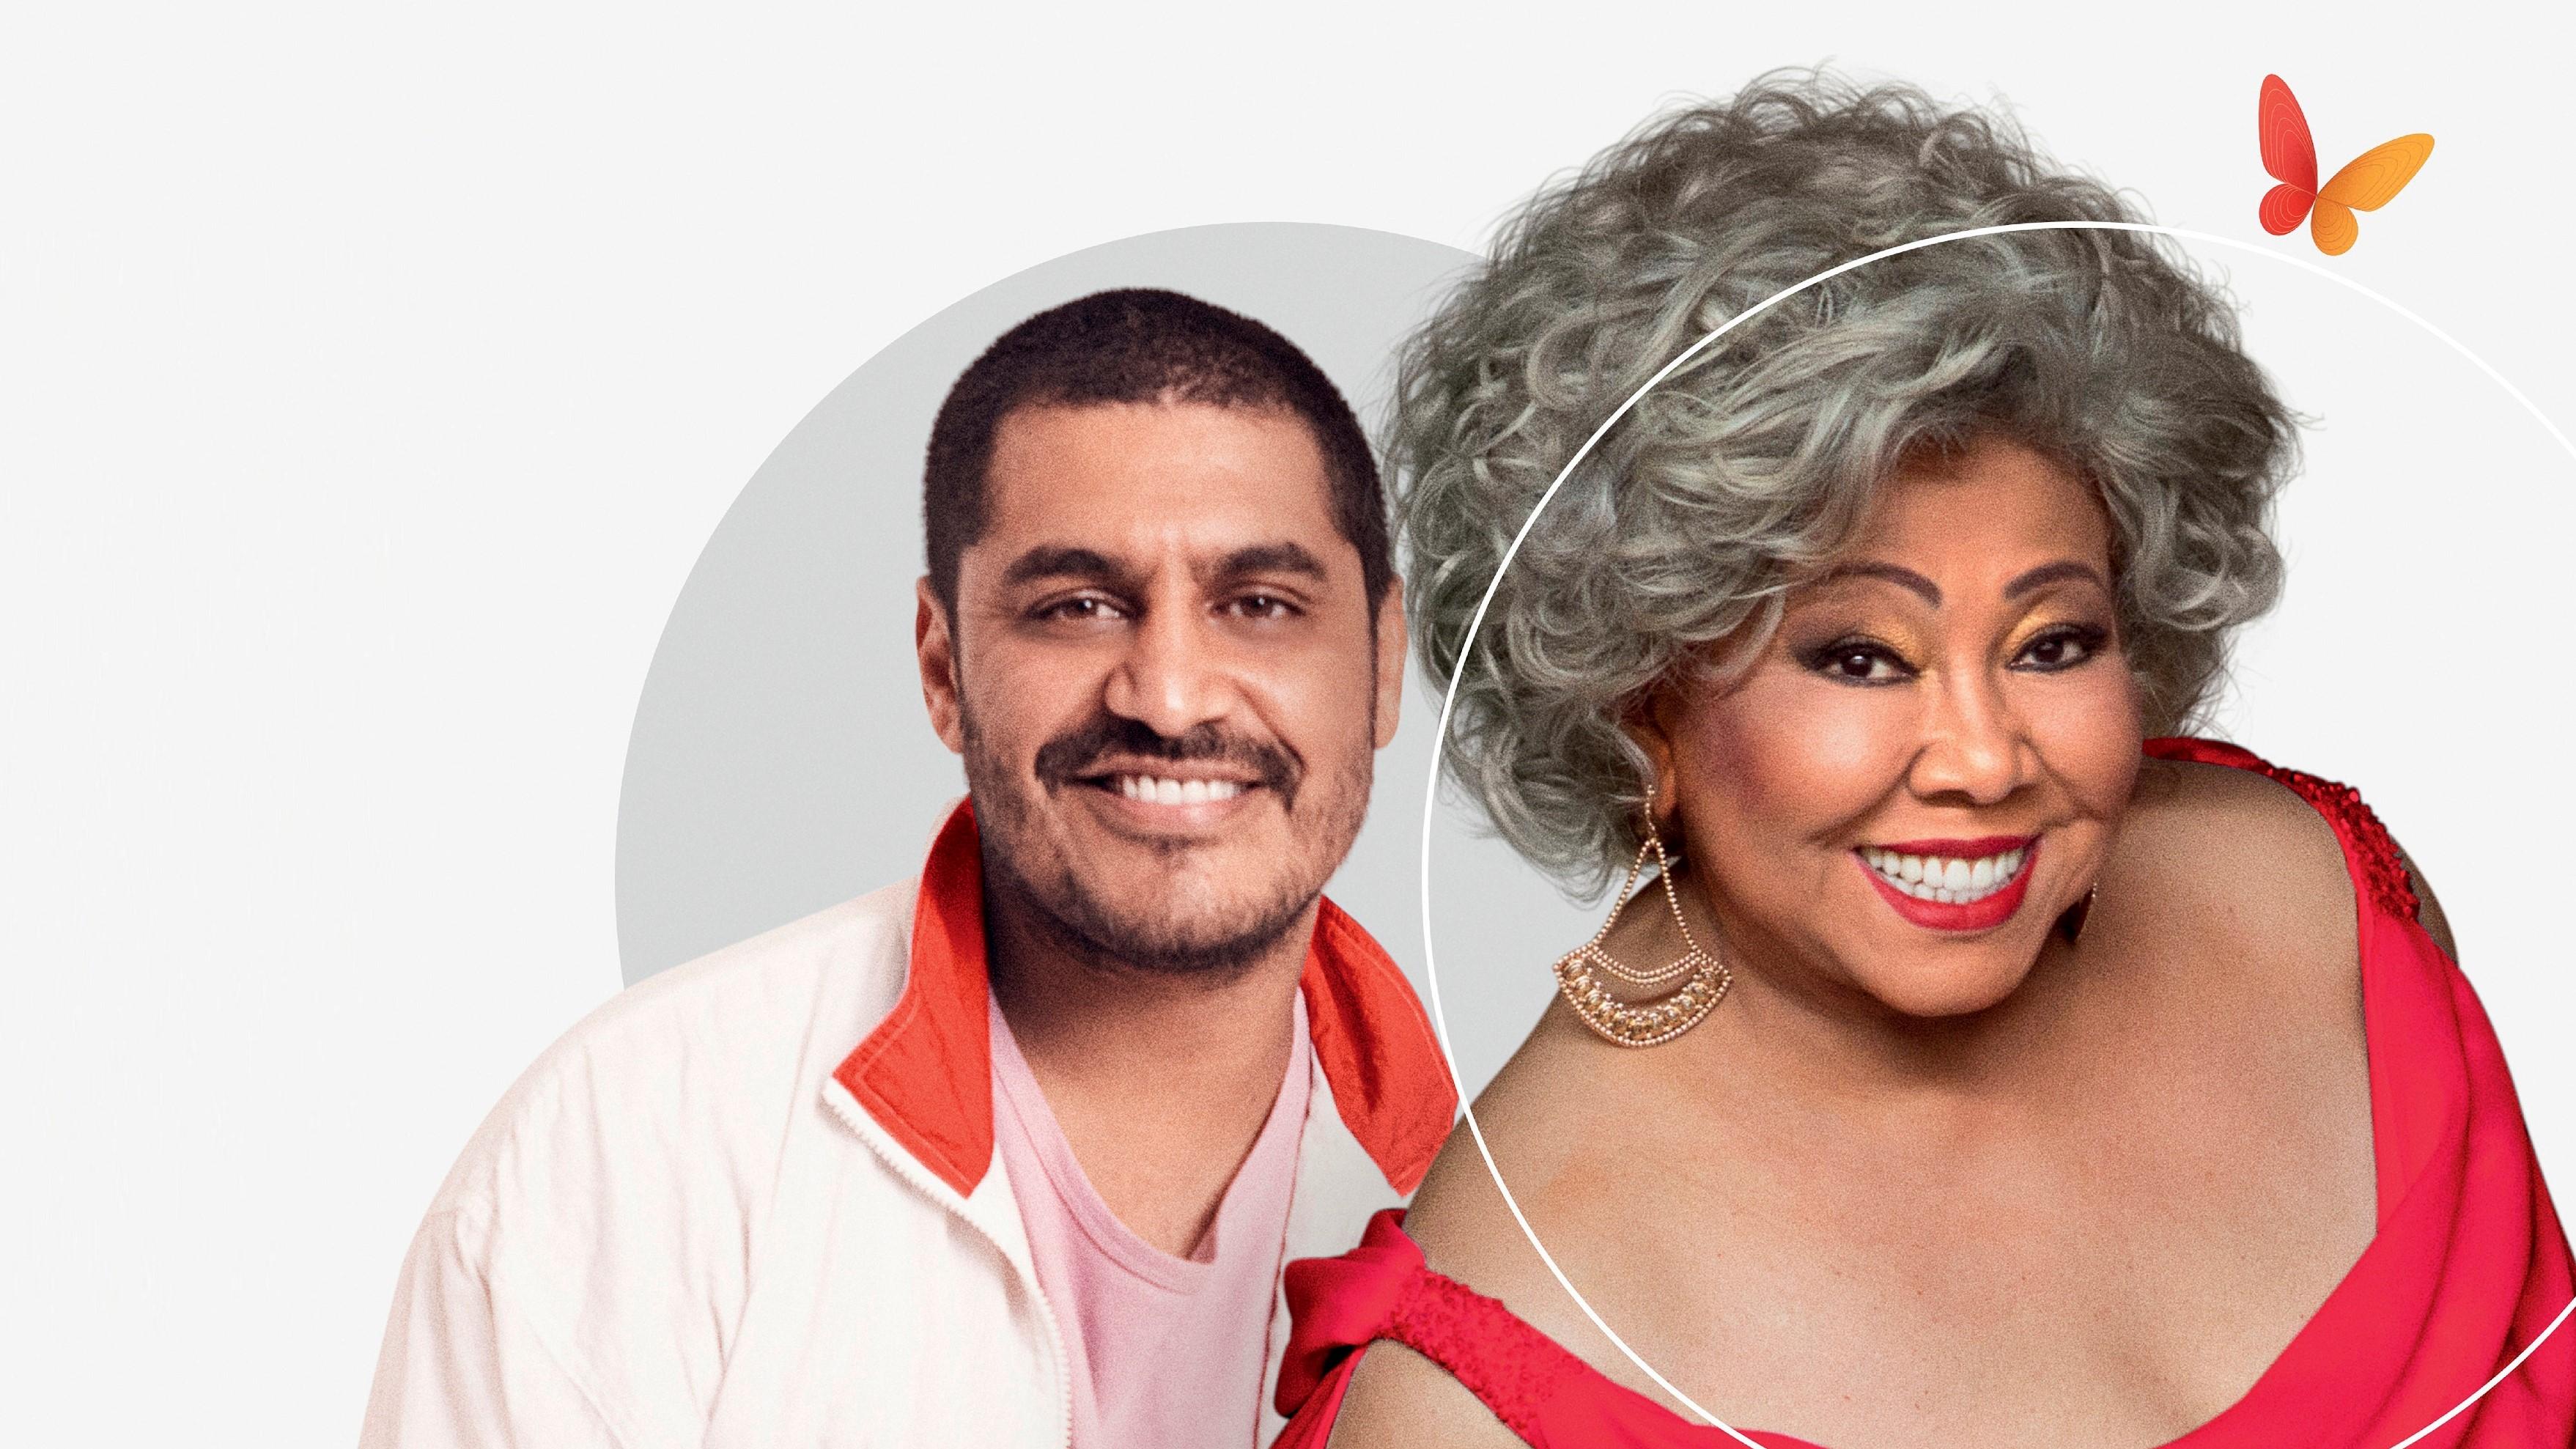 Na imagem, aparecem os cantores Criolo e Alcione